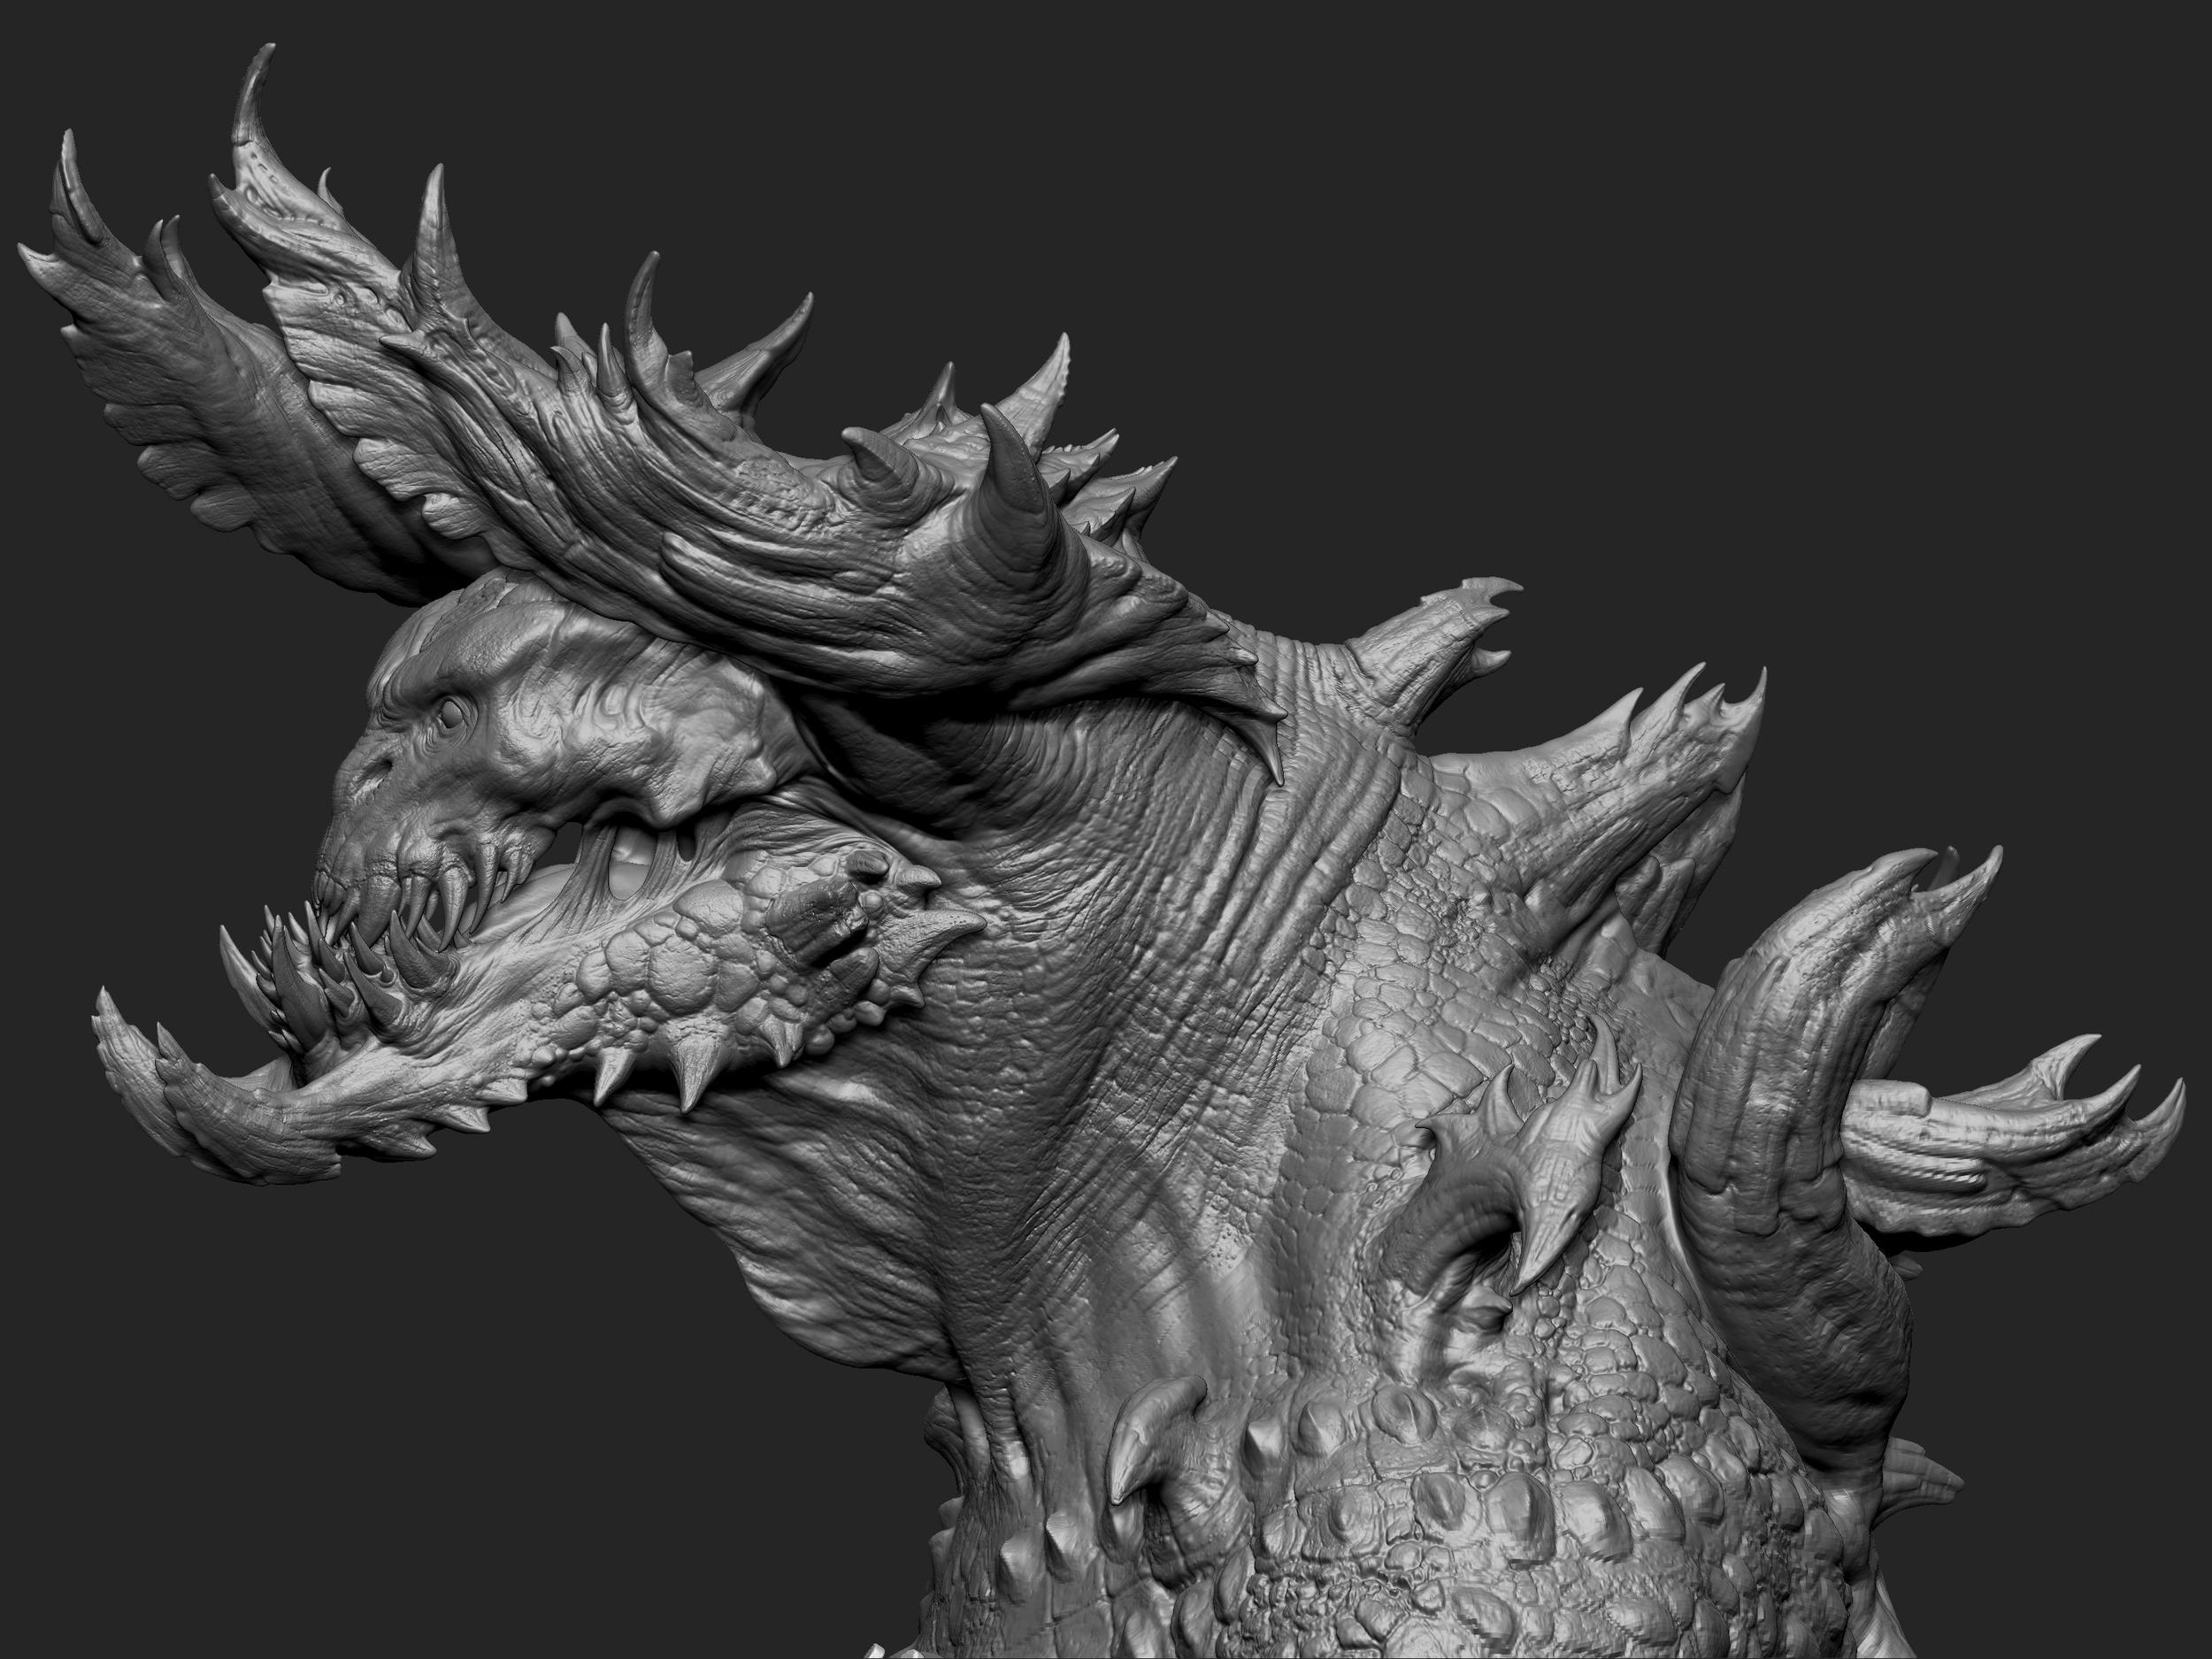 09_Demon_Sculpt.jpg